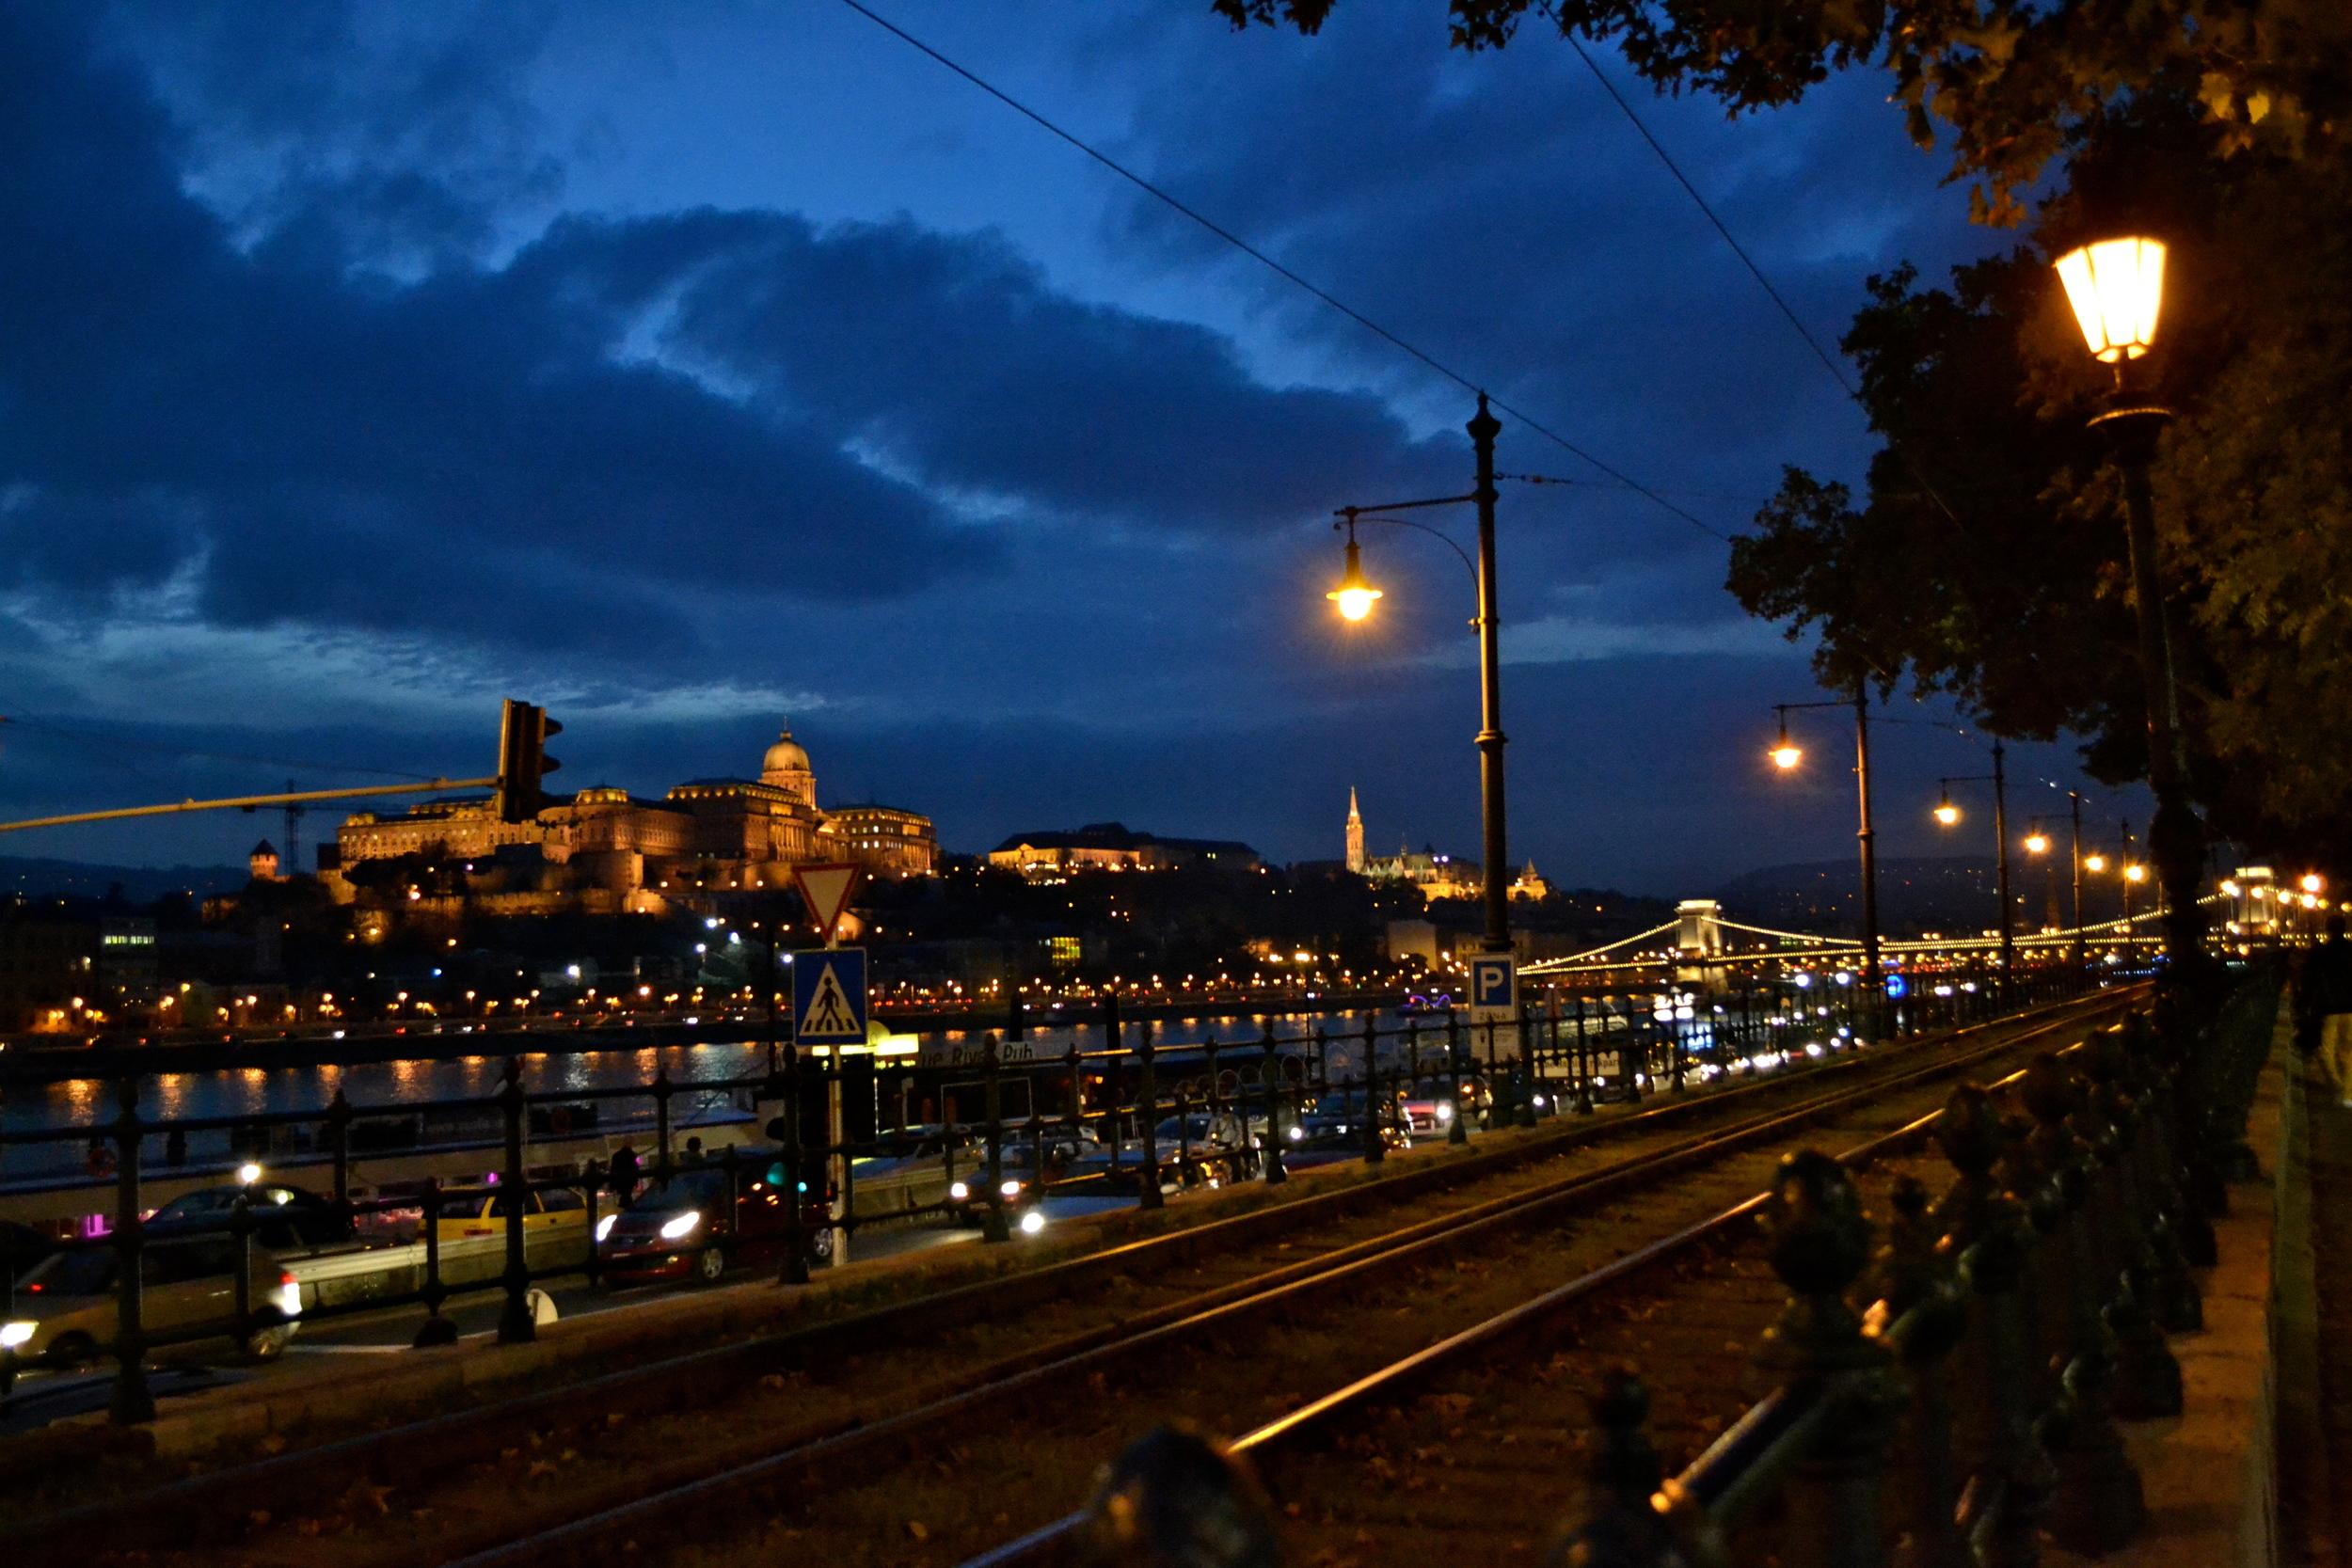 Danube and Buda Castle